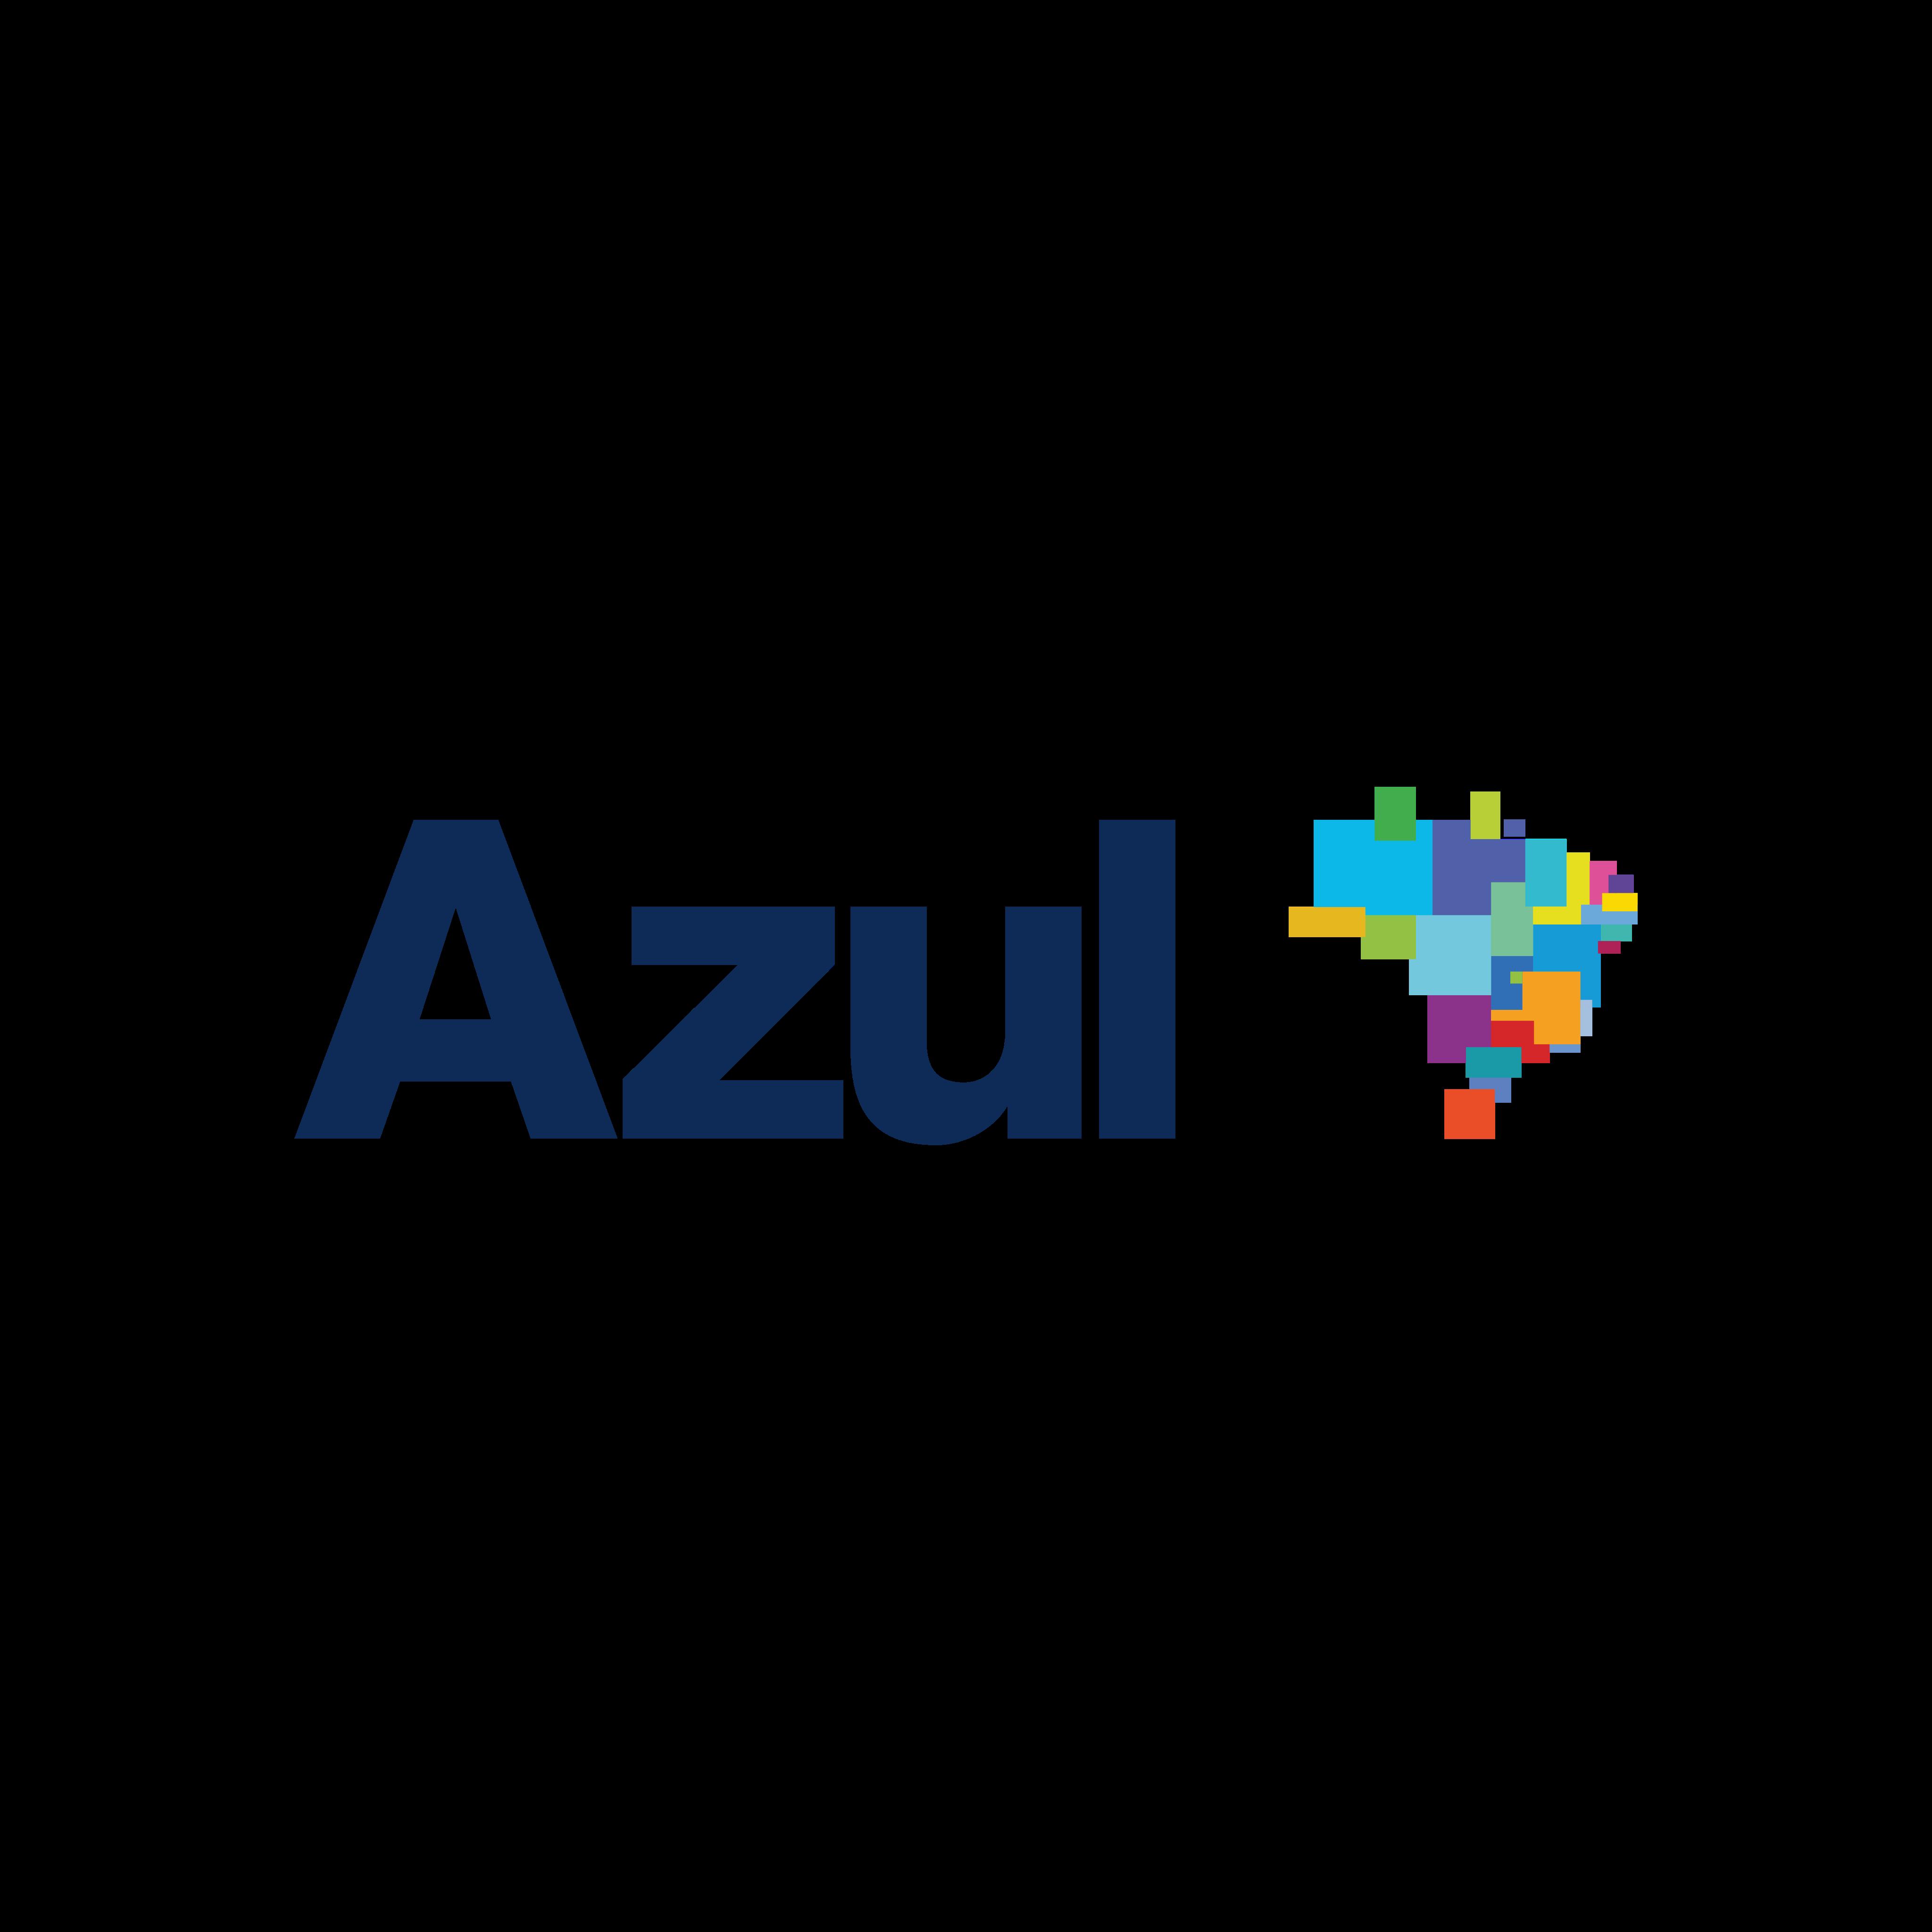 azul logo 0 - Azul Logo - Azul Linhas Aéreas Logo